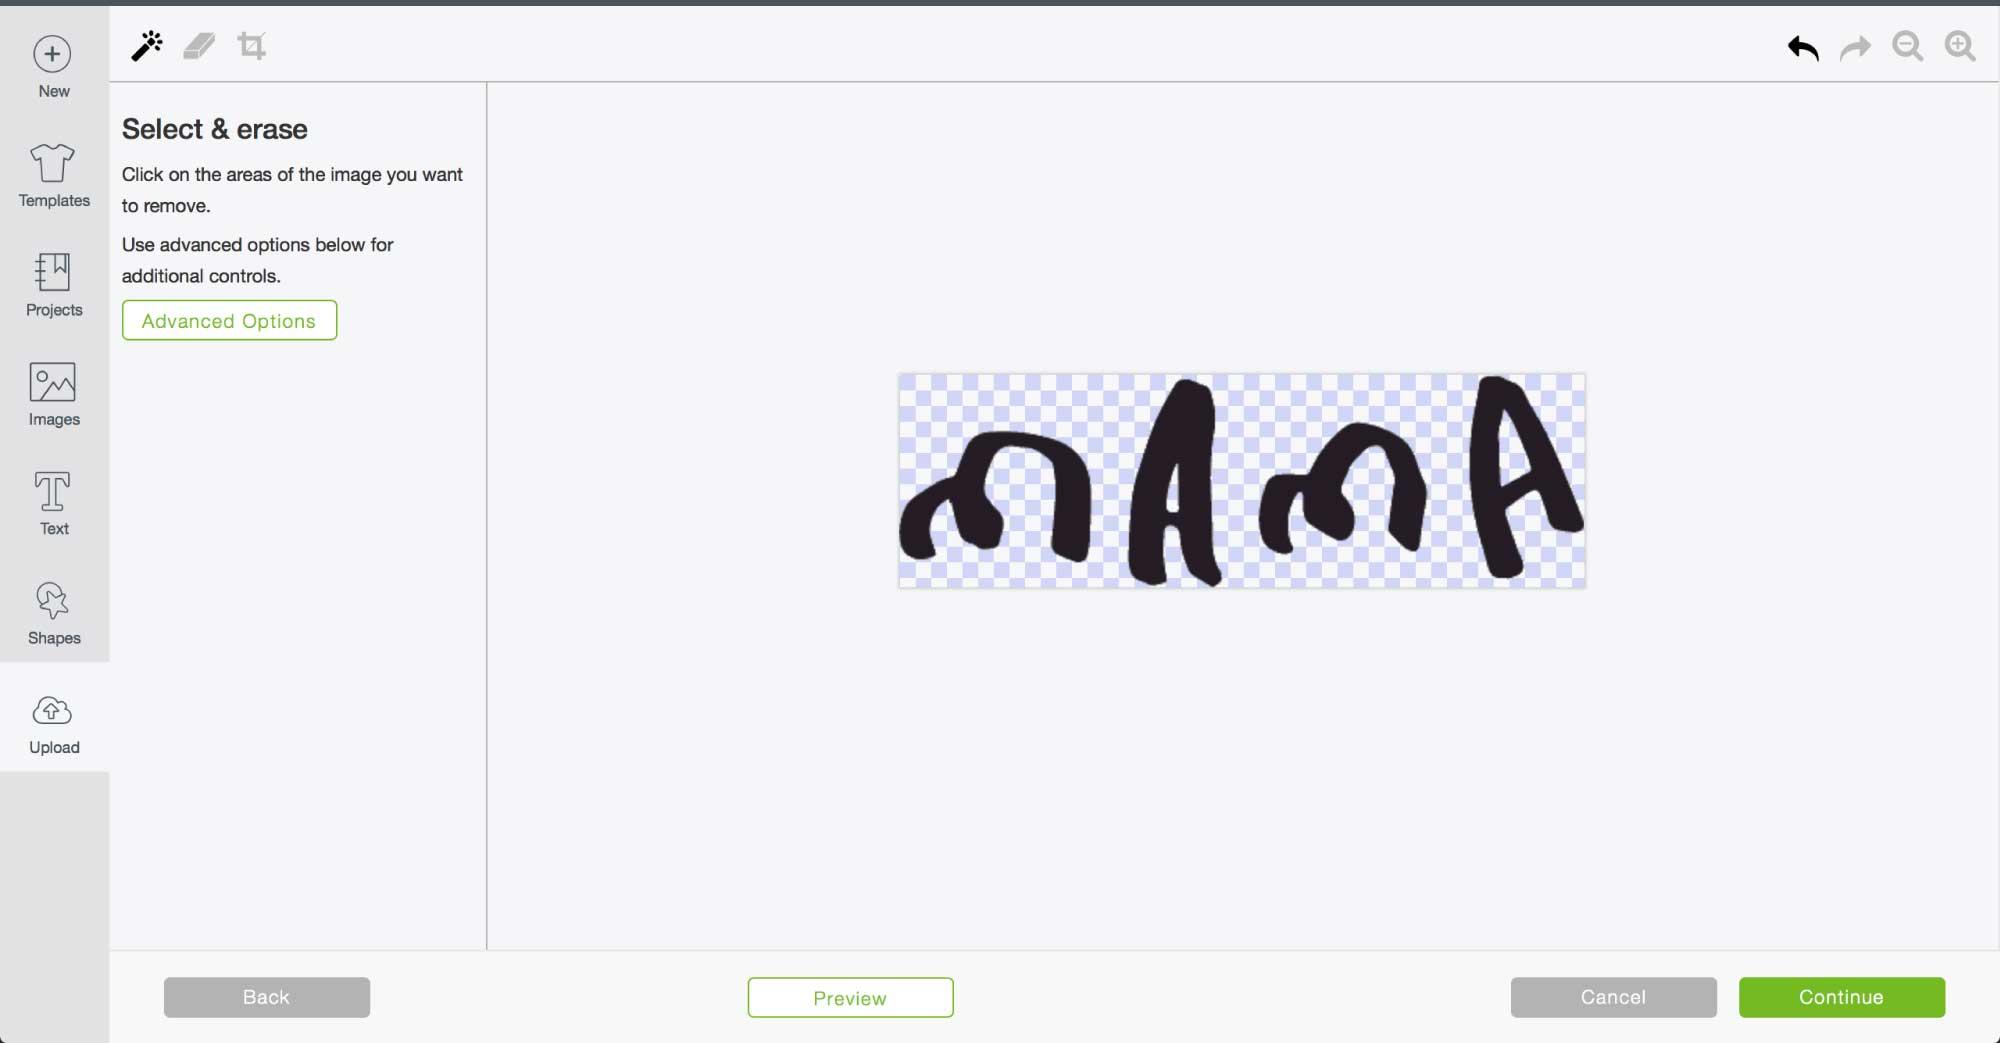 Screenshot of Cricut's Design Space select + erase